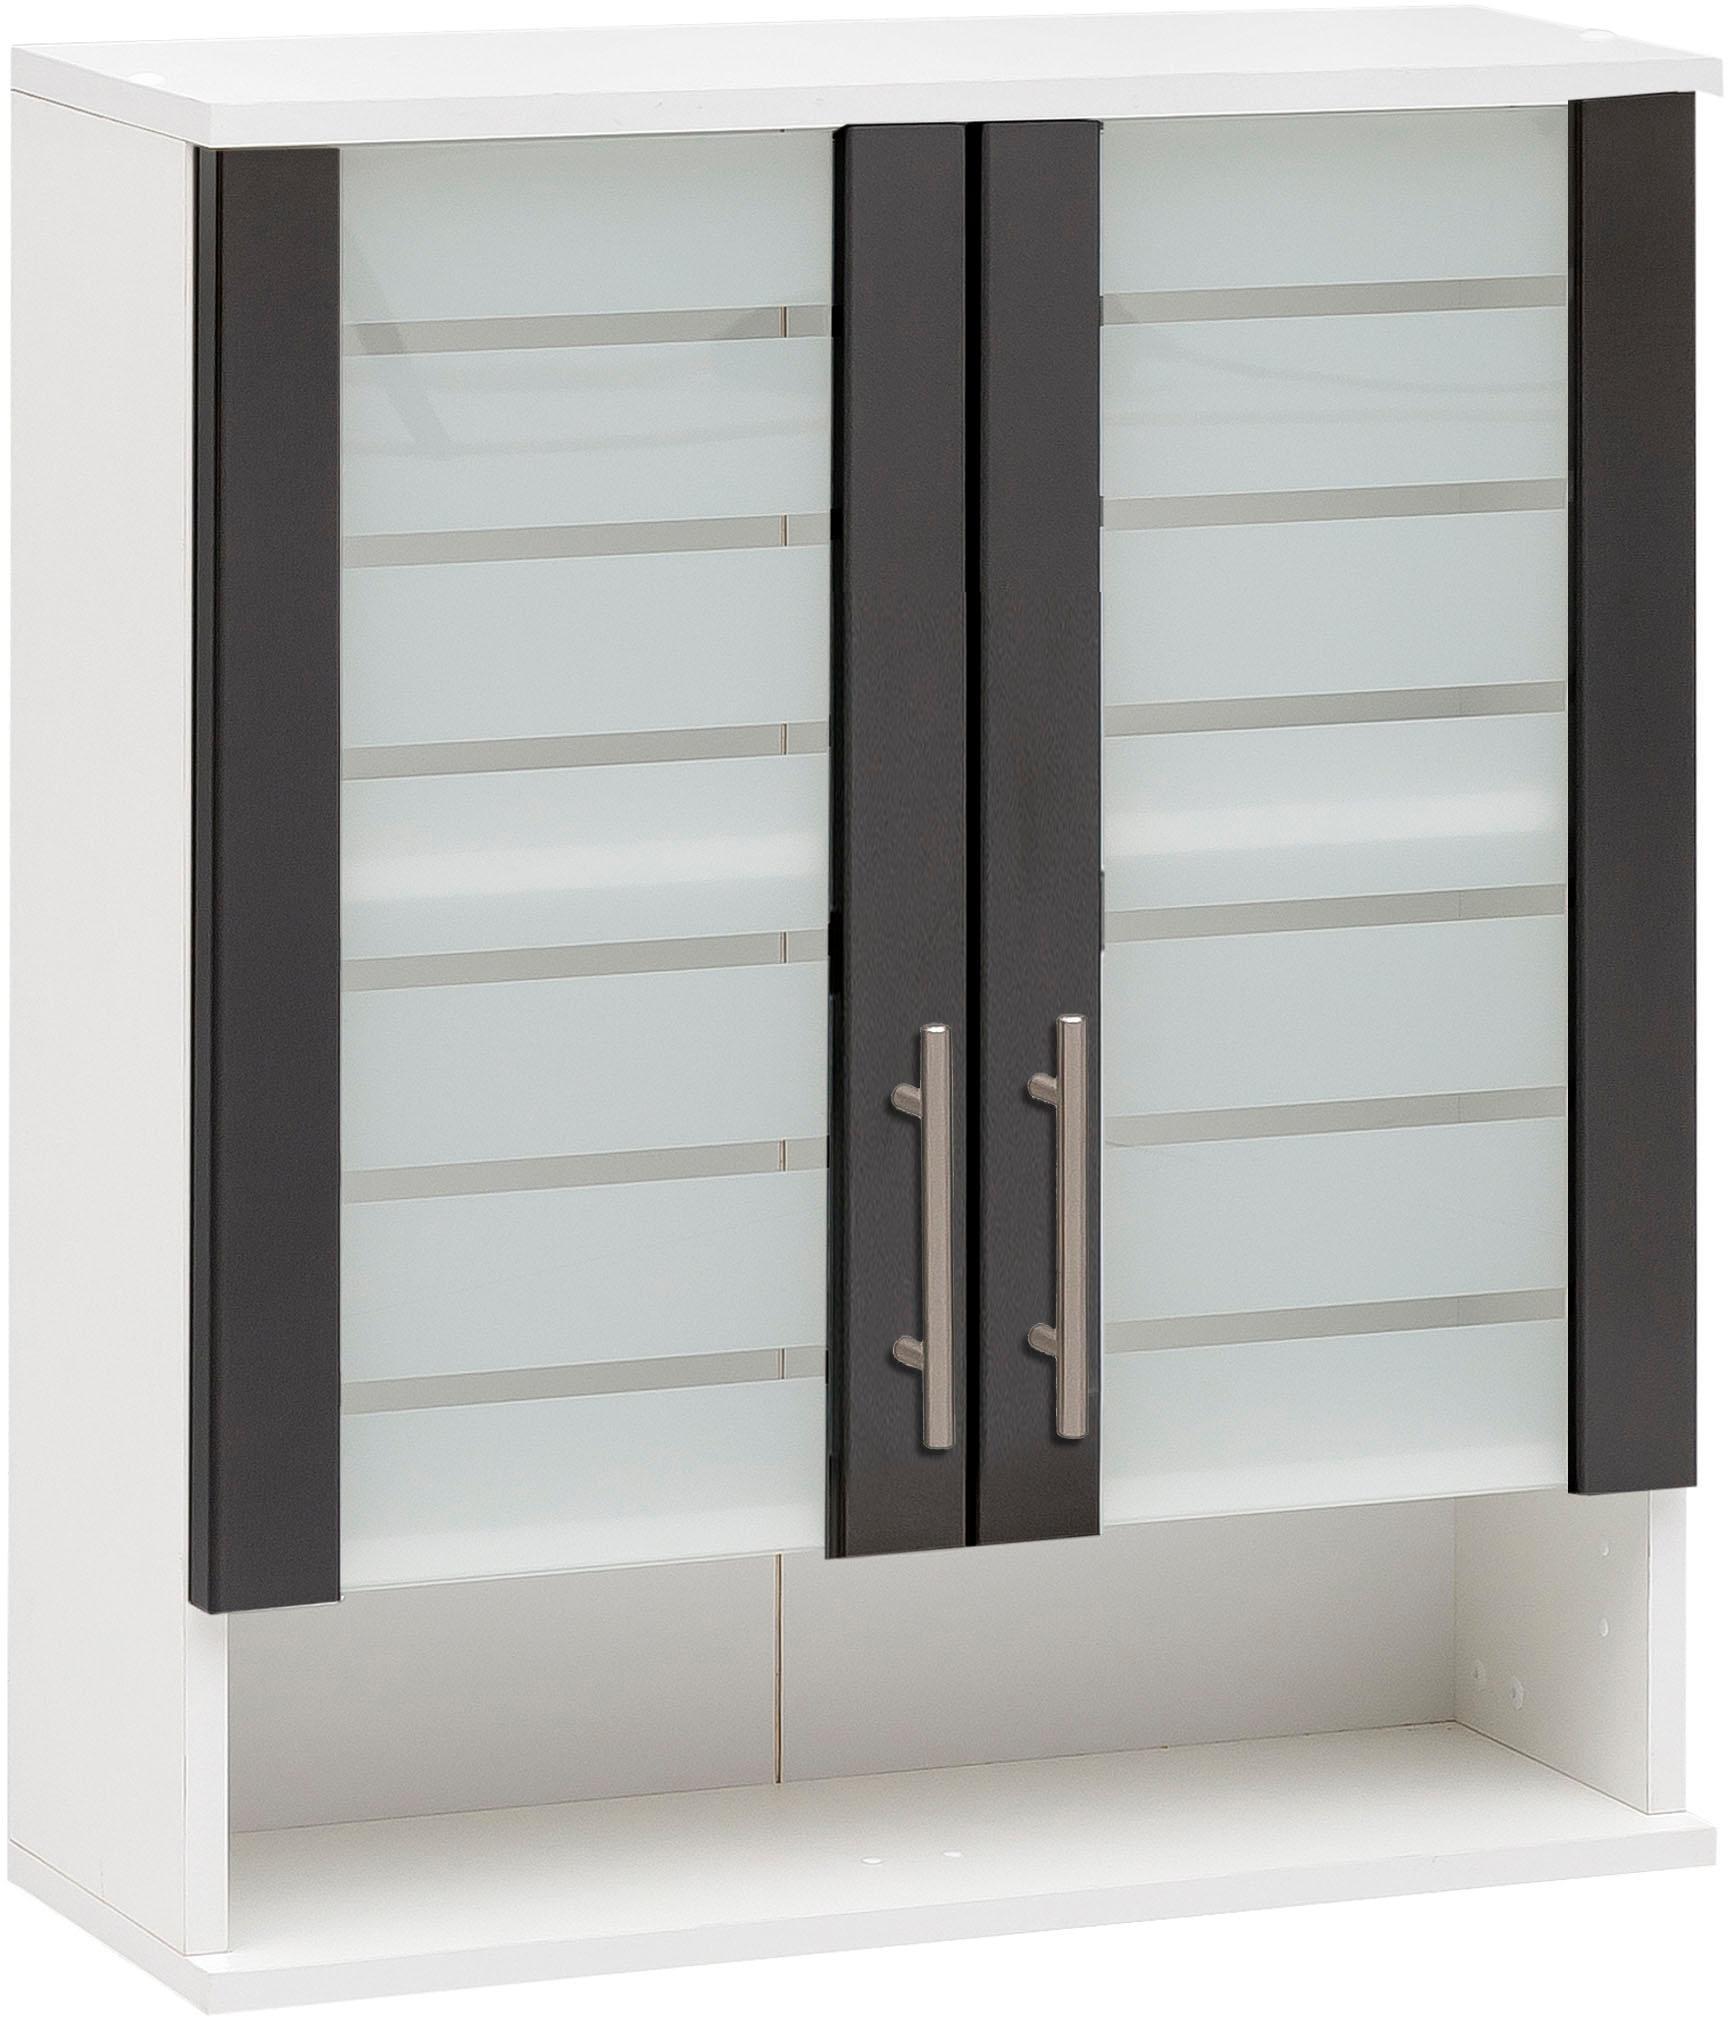 h ngeschrank grau preisvergleich die besten angebote online kaufen. Black Bedroom Furniture Sets. Home Design Ideas